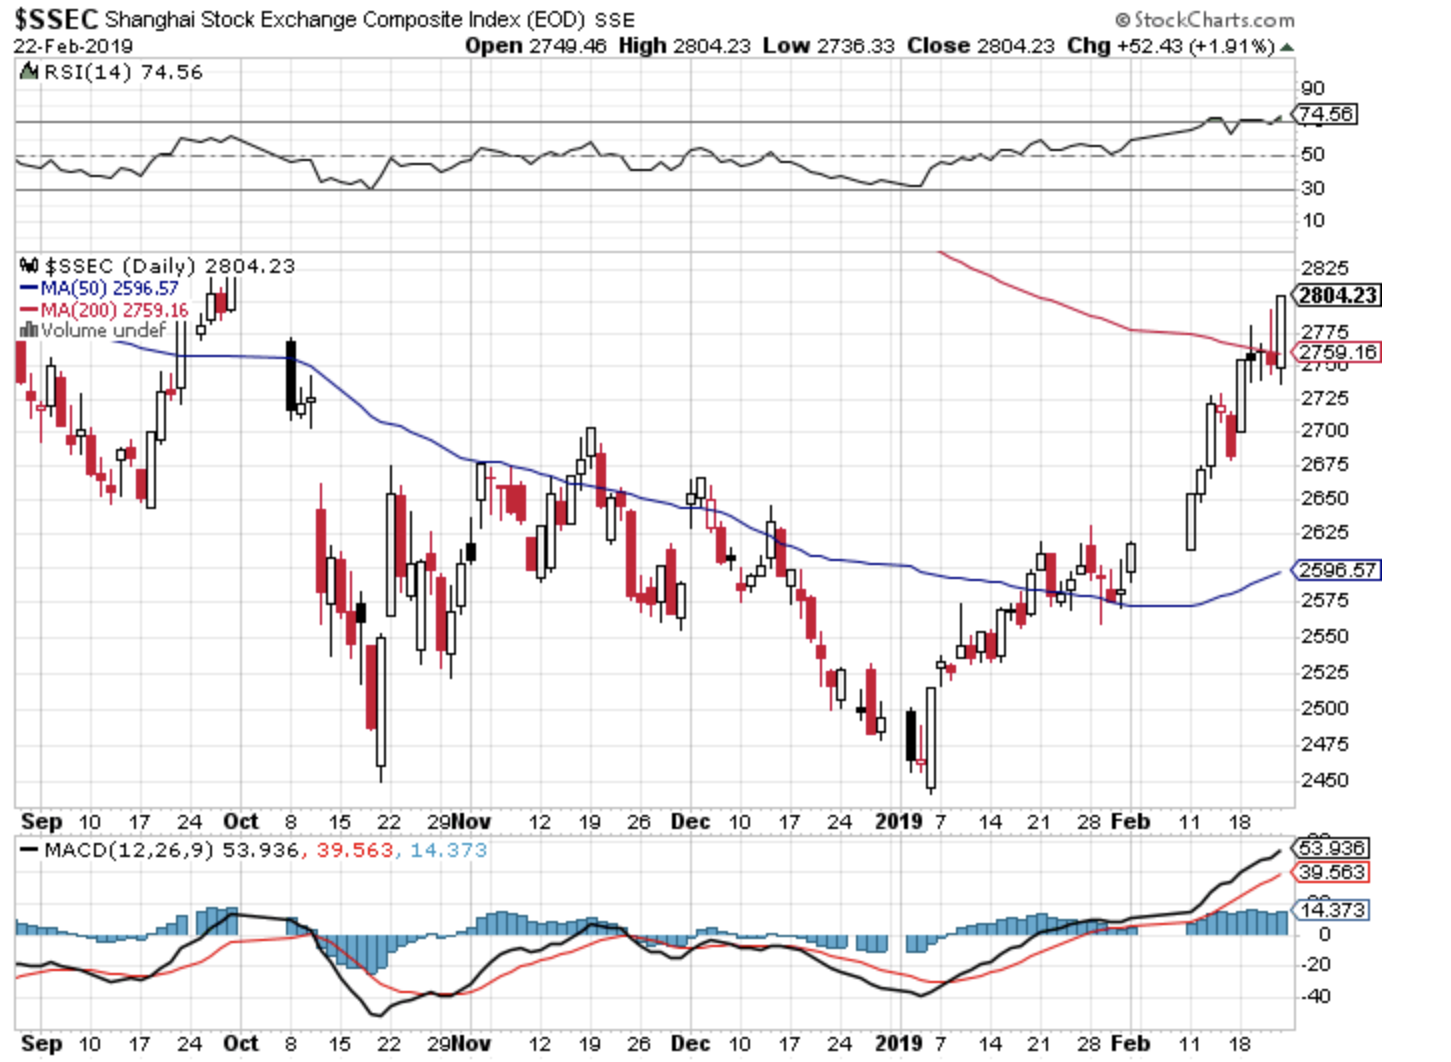 Molto bene ha fatto anche l'indice composito SSEC della Borsa di Shanghai